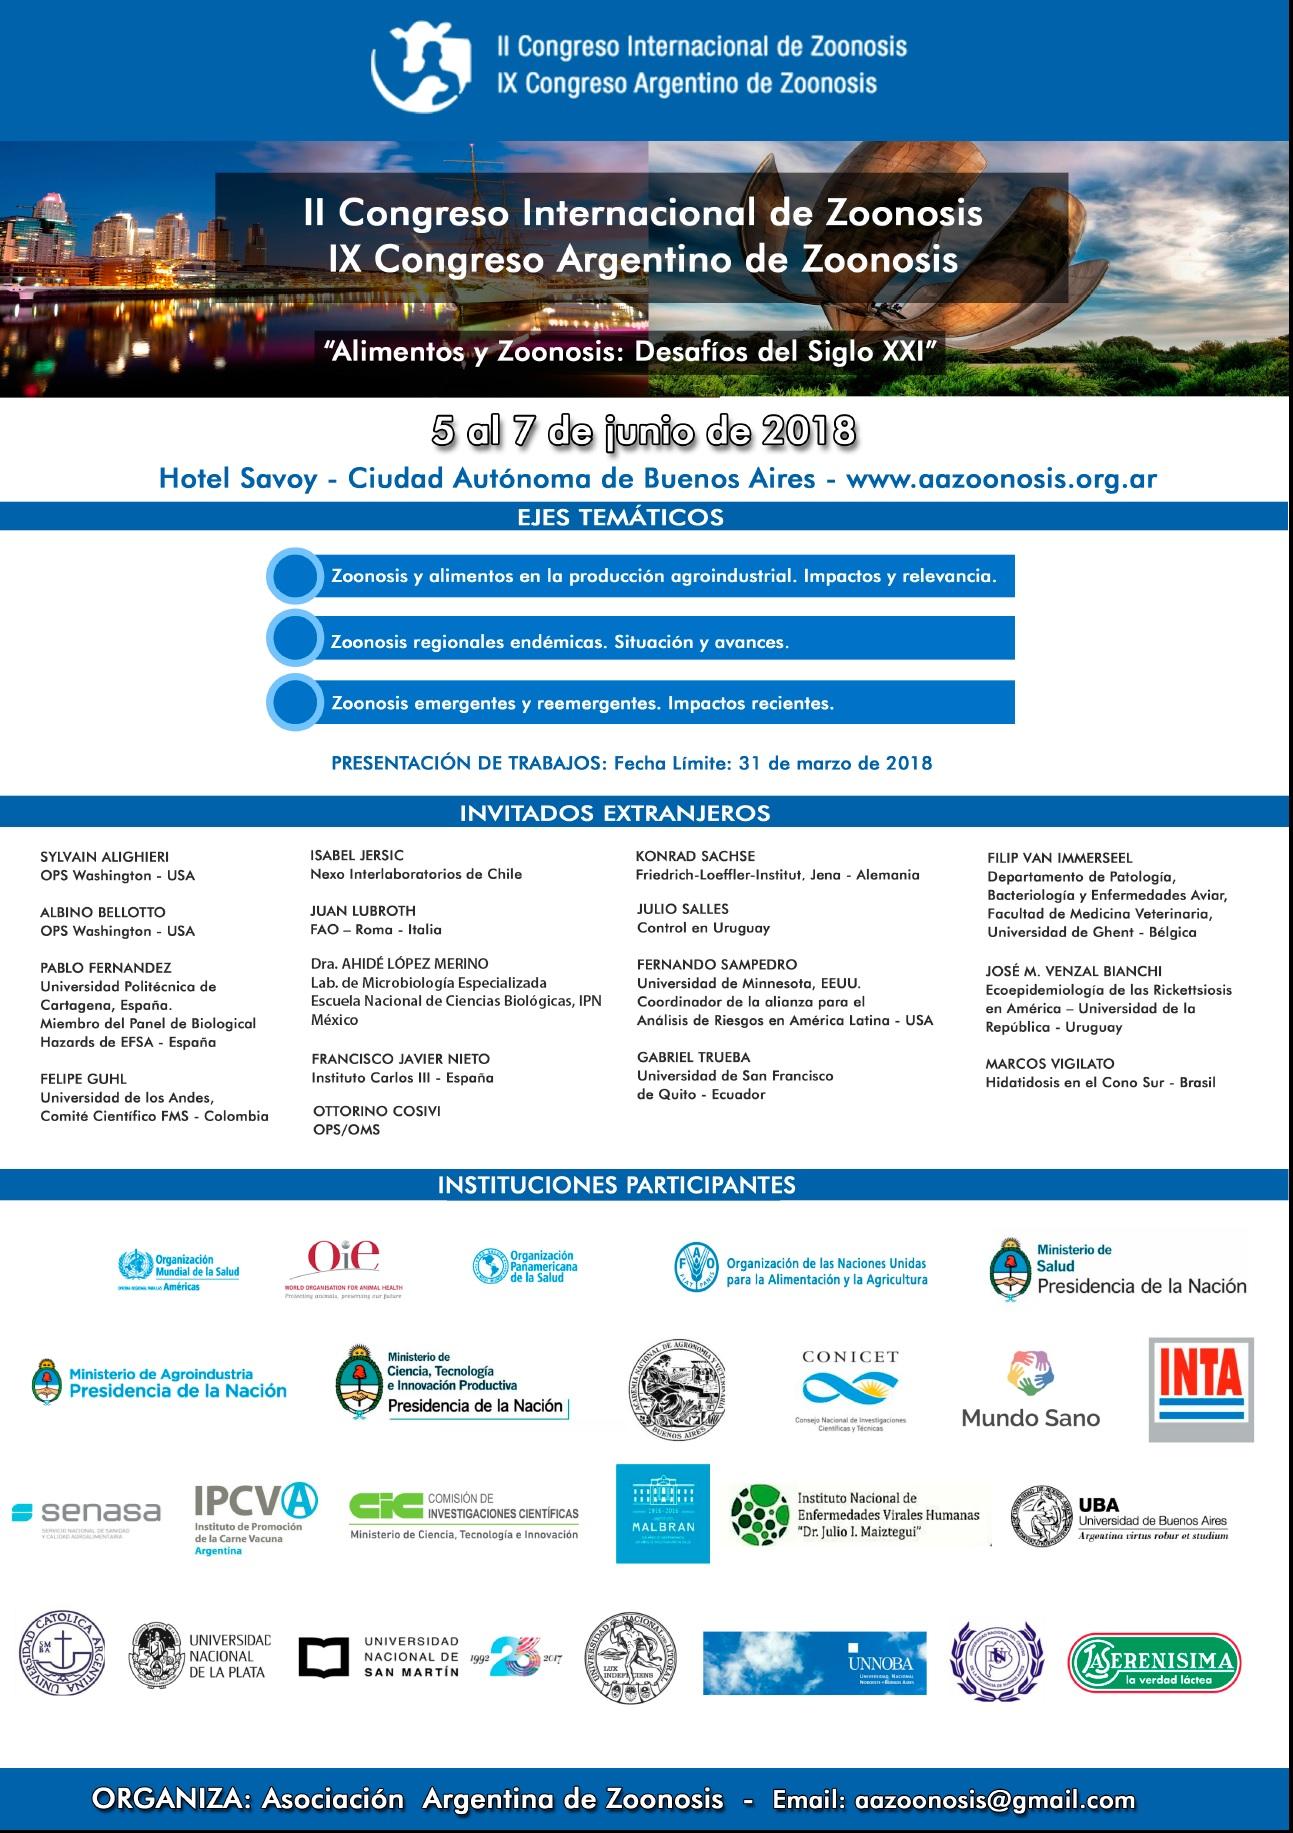 II Congreso Internacional de Zoonosis – 4 al 7 de Junio de 2018 – Hotel Savoy